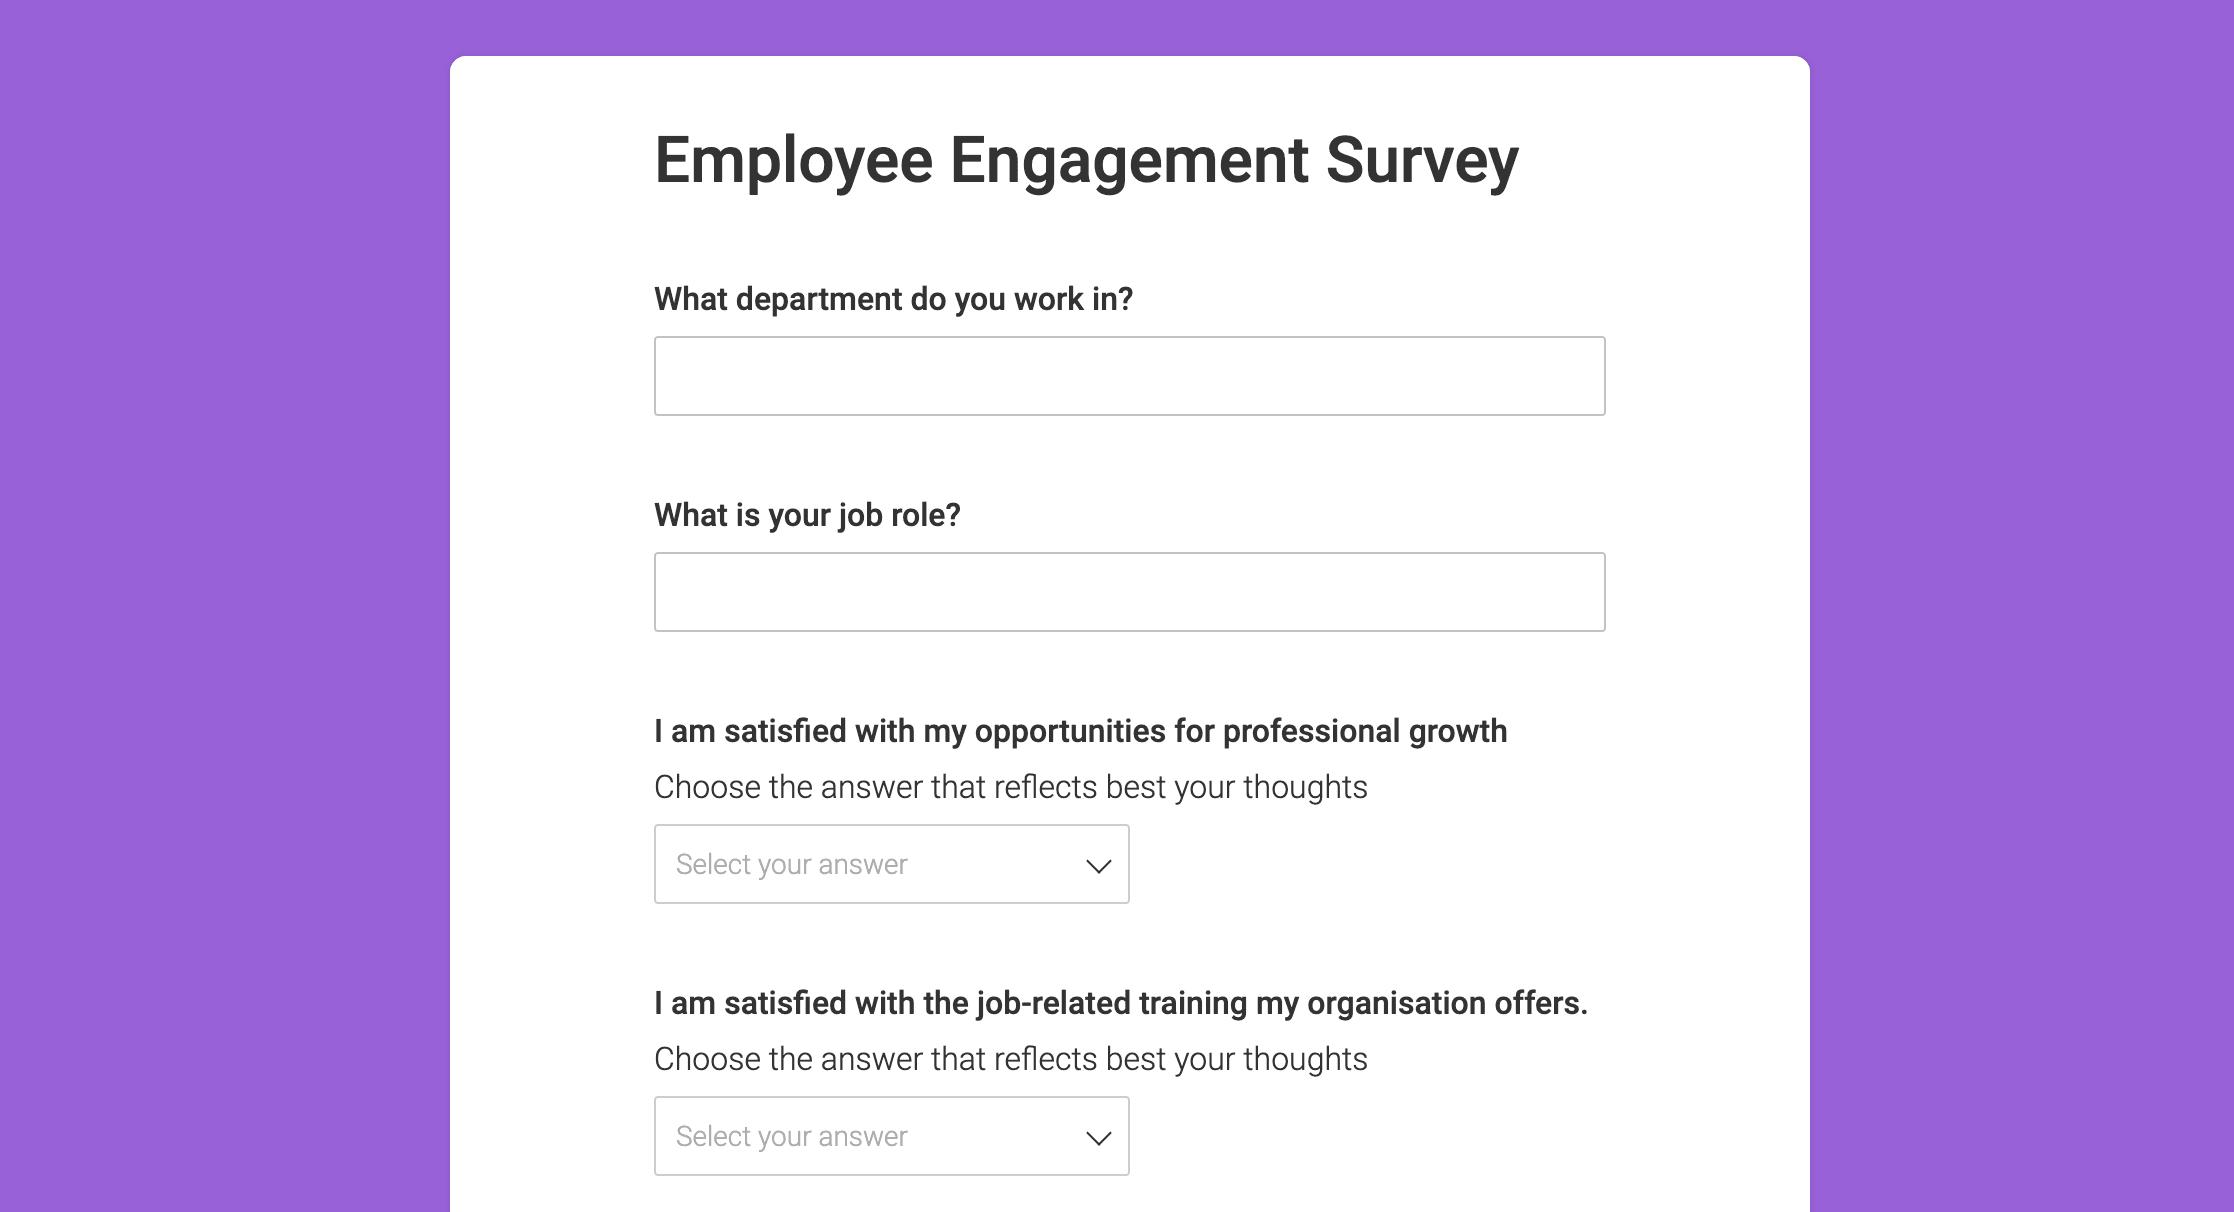 Employee Engagement Survey 2020 07 28 12 50 53